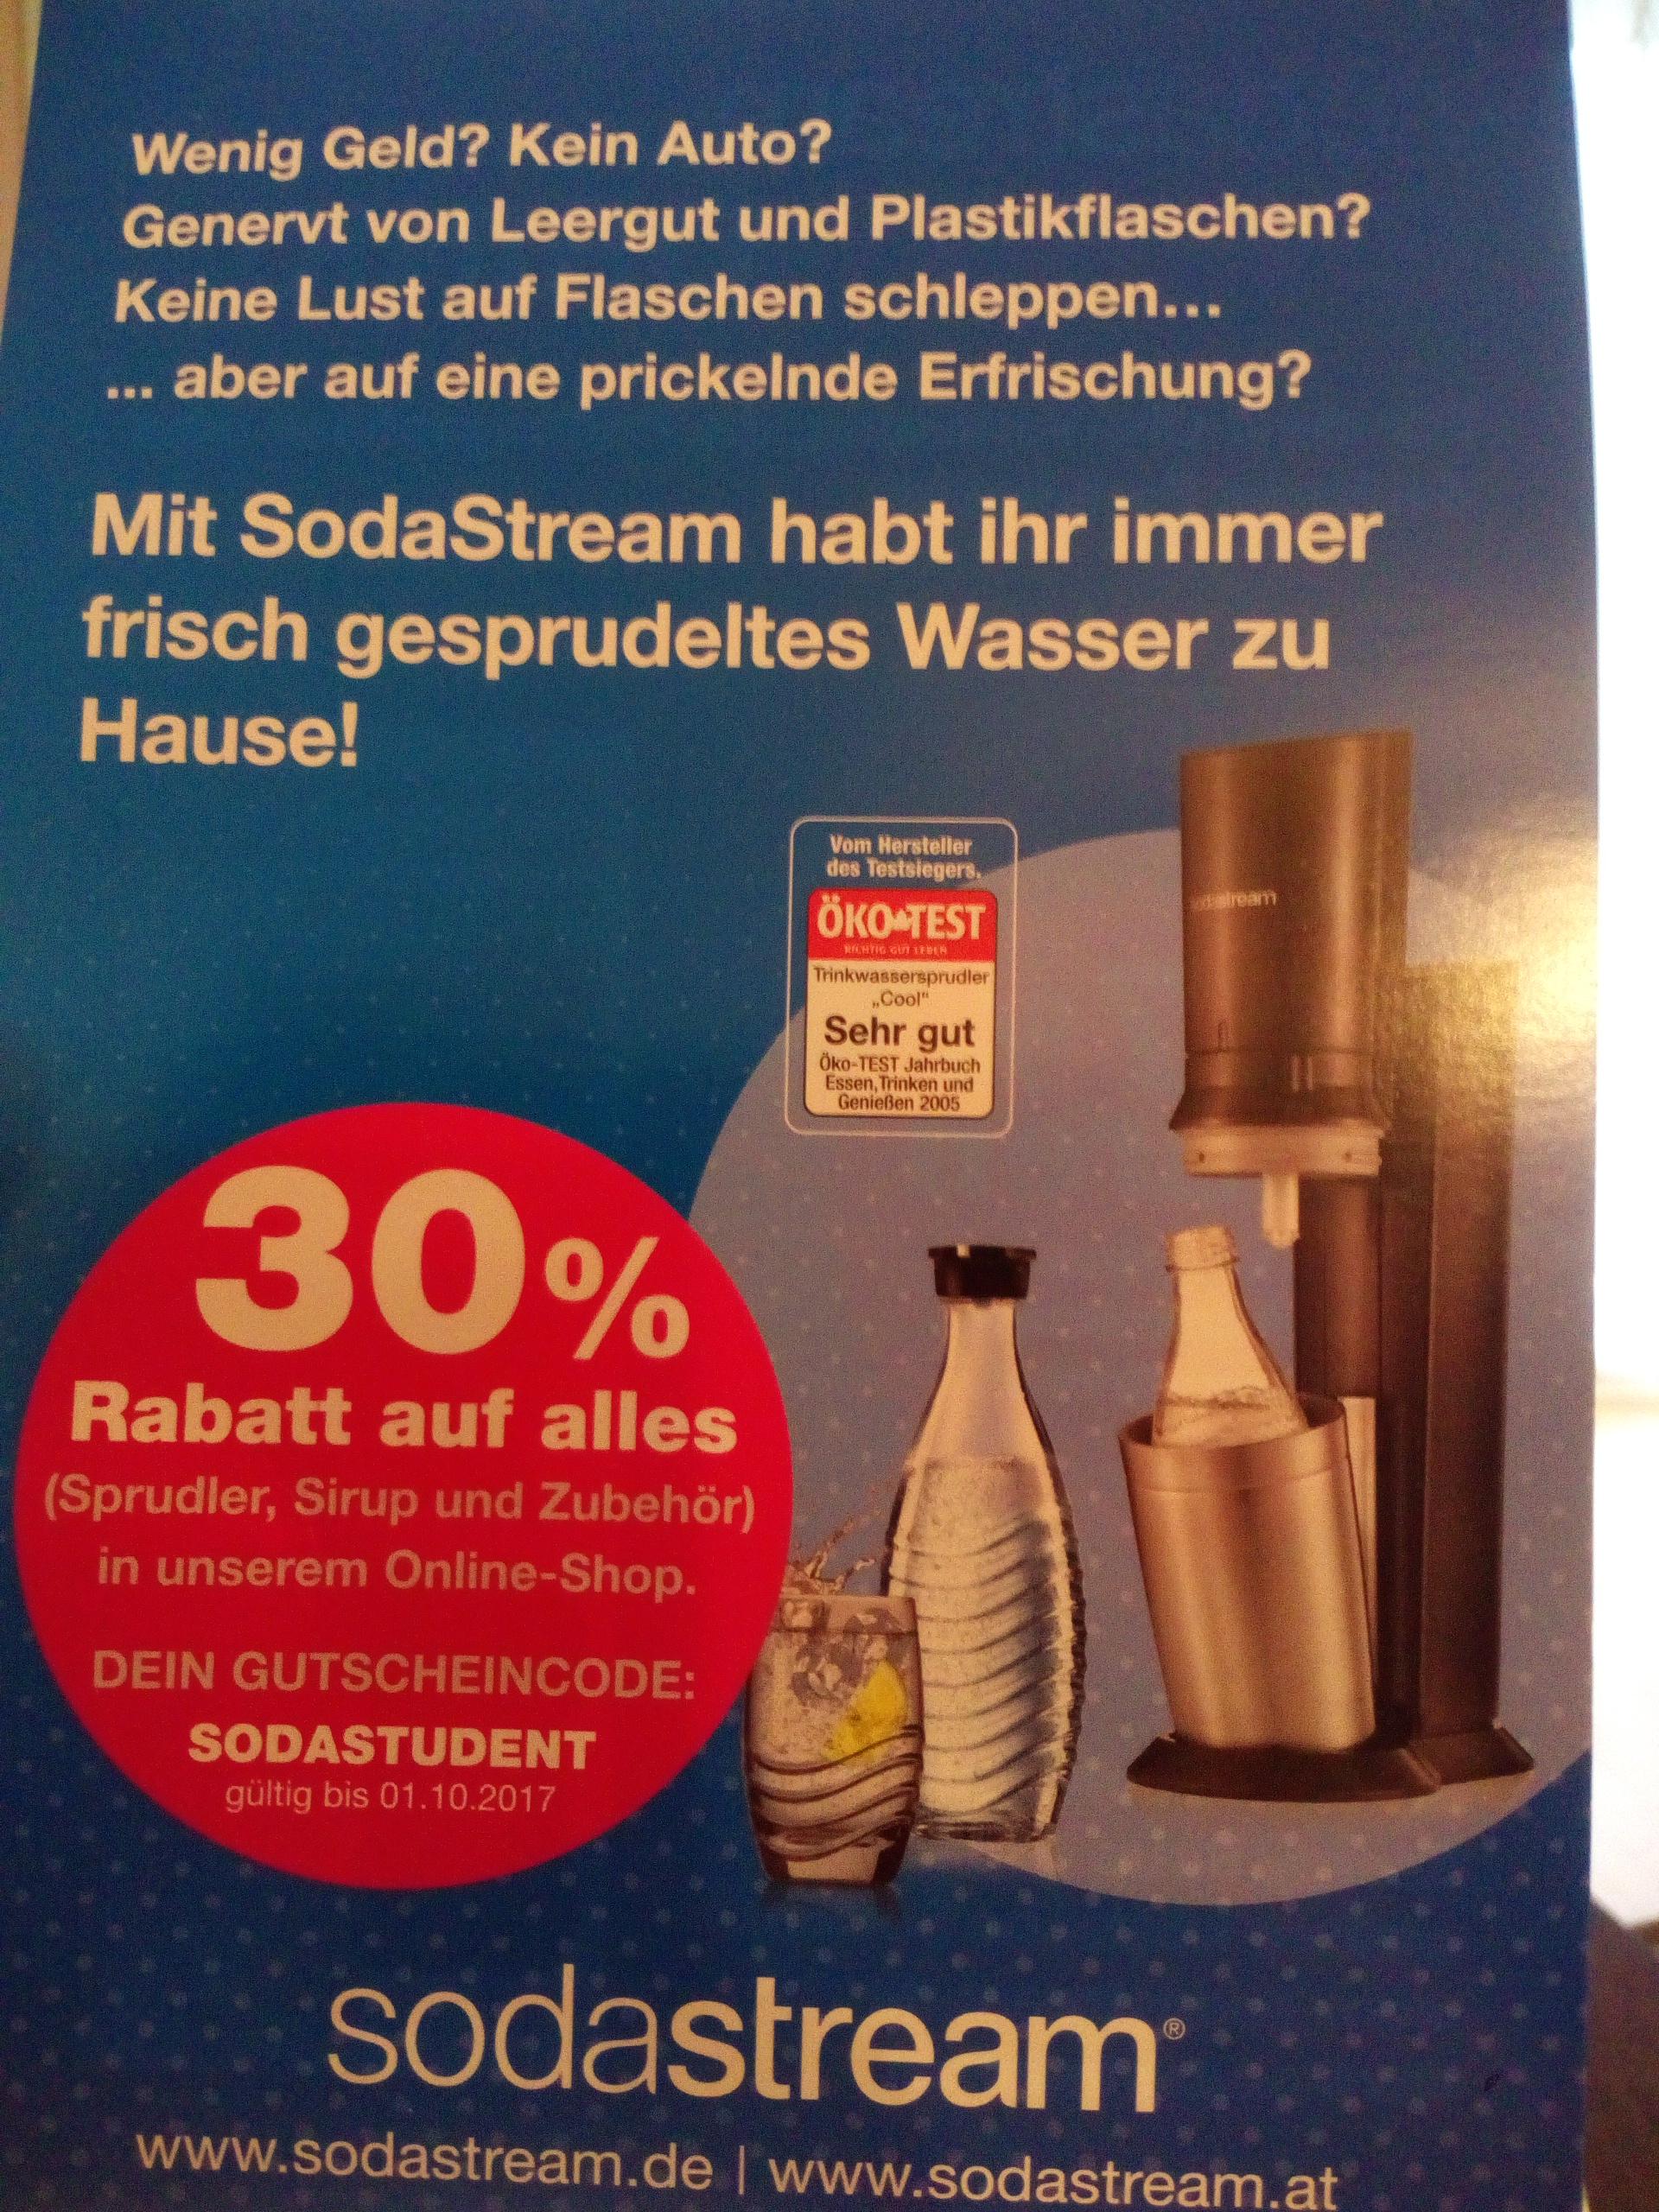 30% auf alles bei sodastream.de